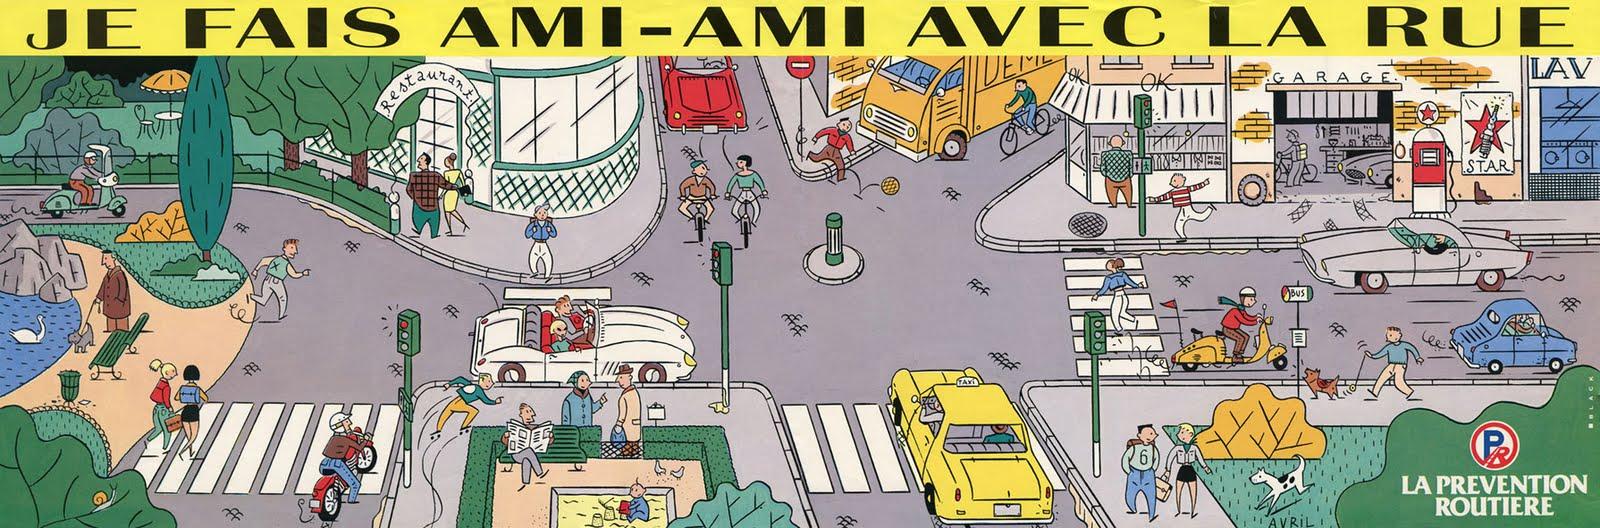 Populaire Je fais ami-ami avec la rue, La prévention routière, 1987  ZK08